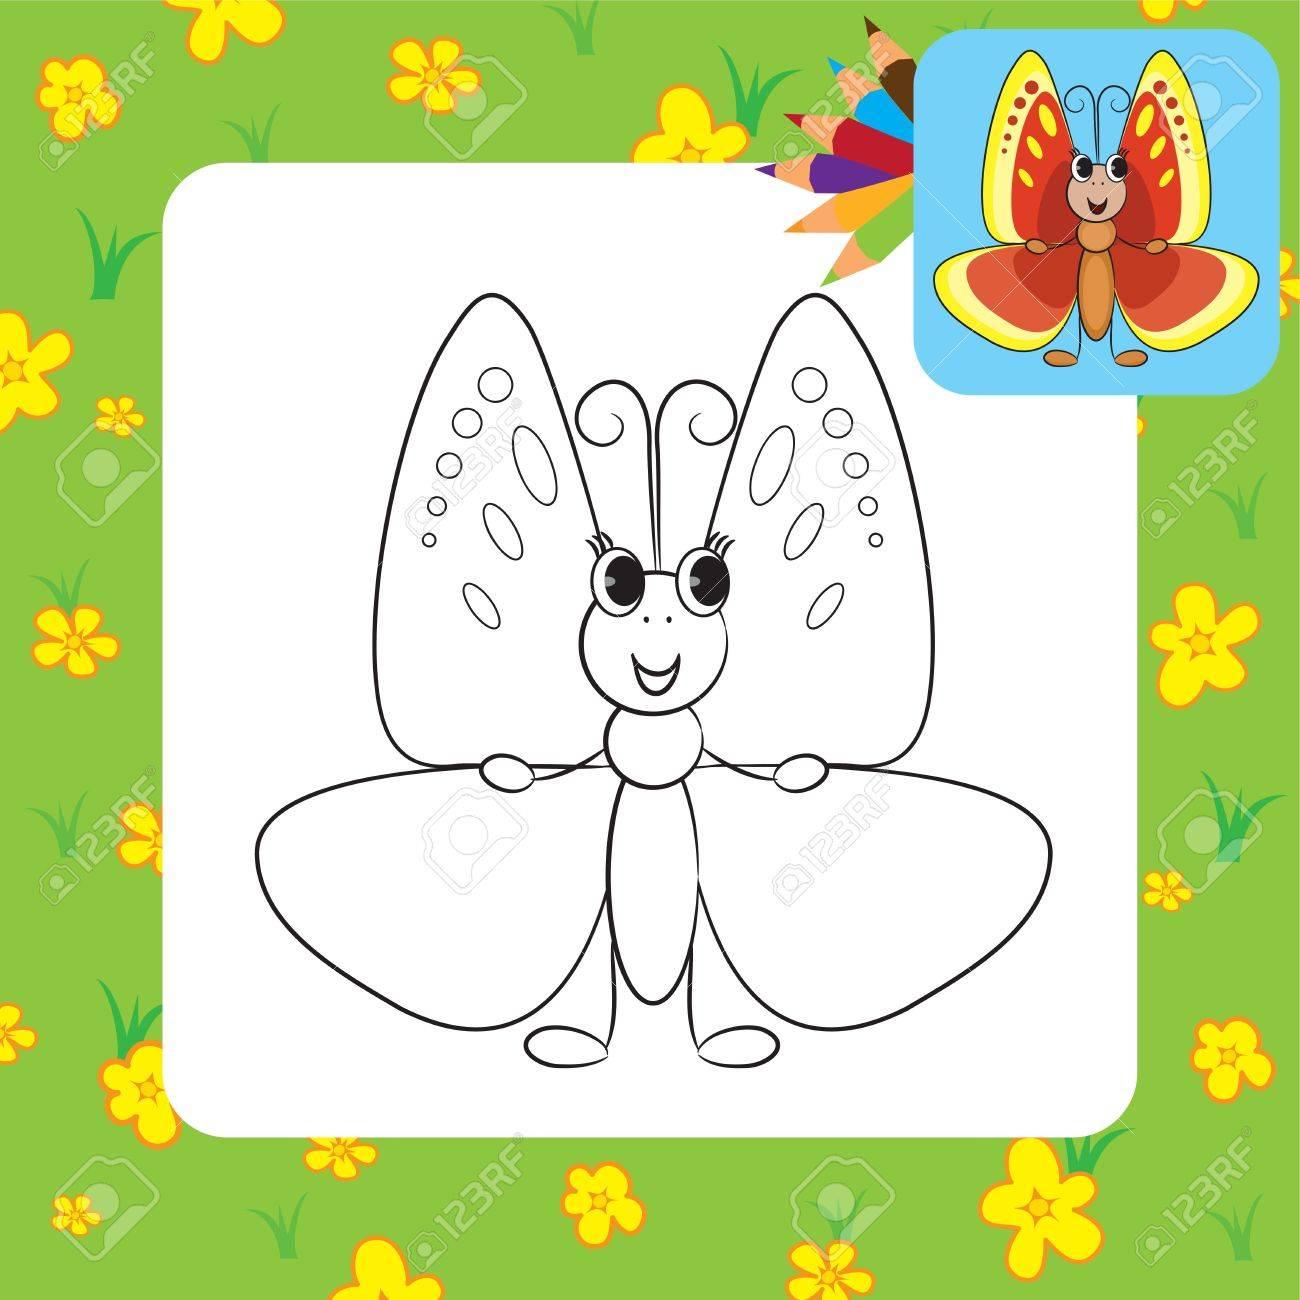 Dibujo Para Colorear De Dibujos Animados Lindo Mariposa Ilustración ...